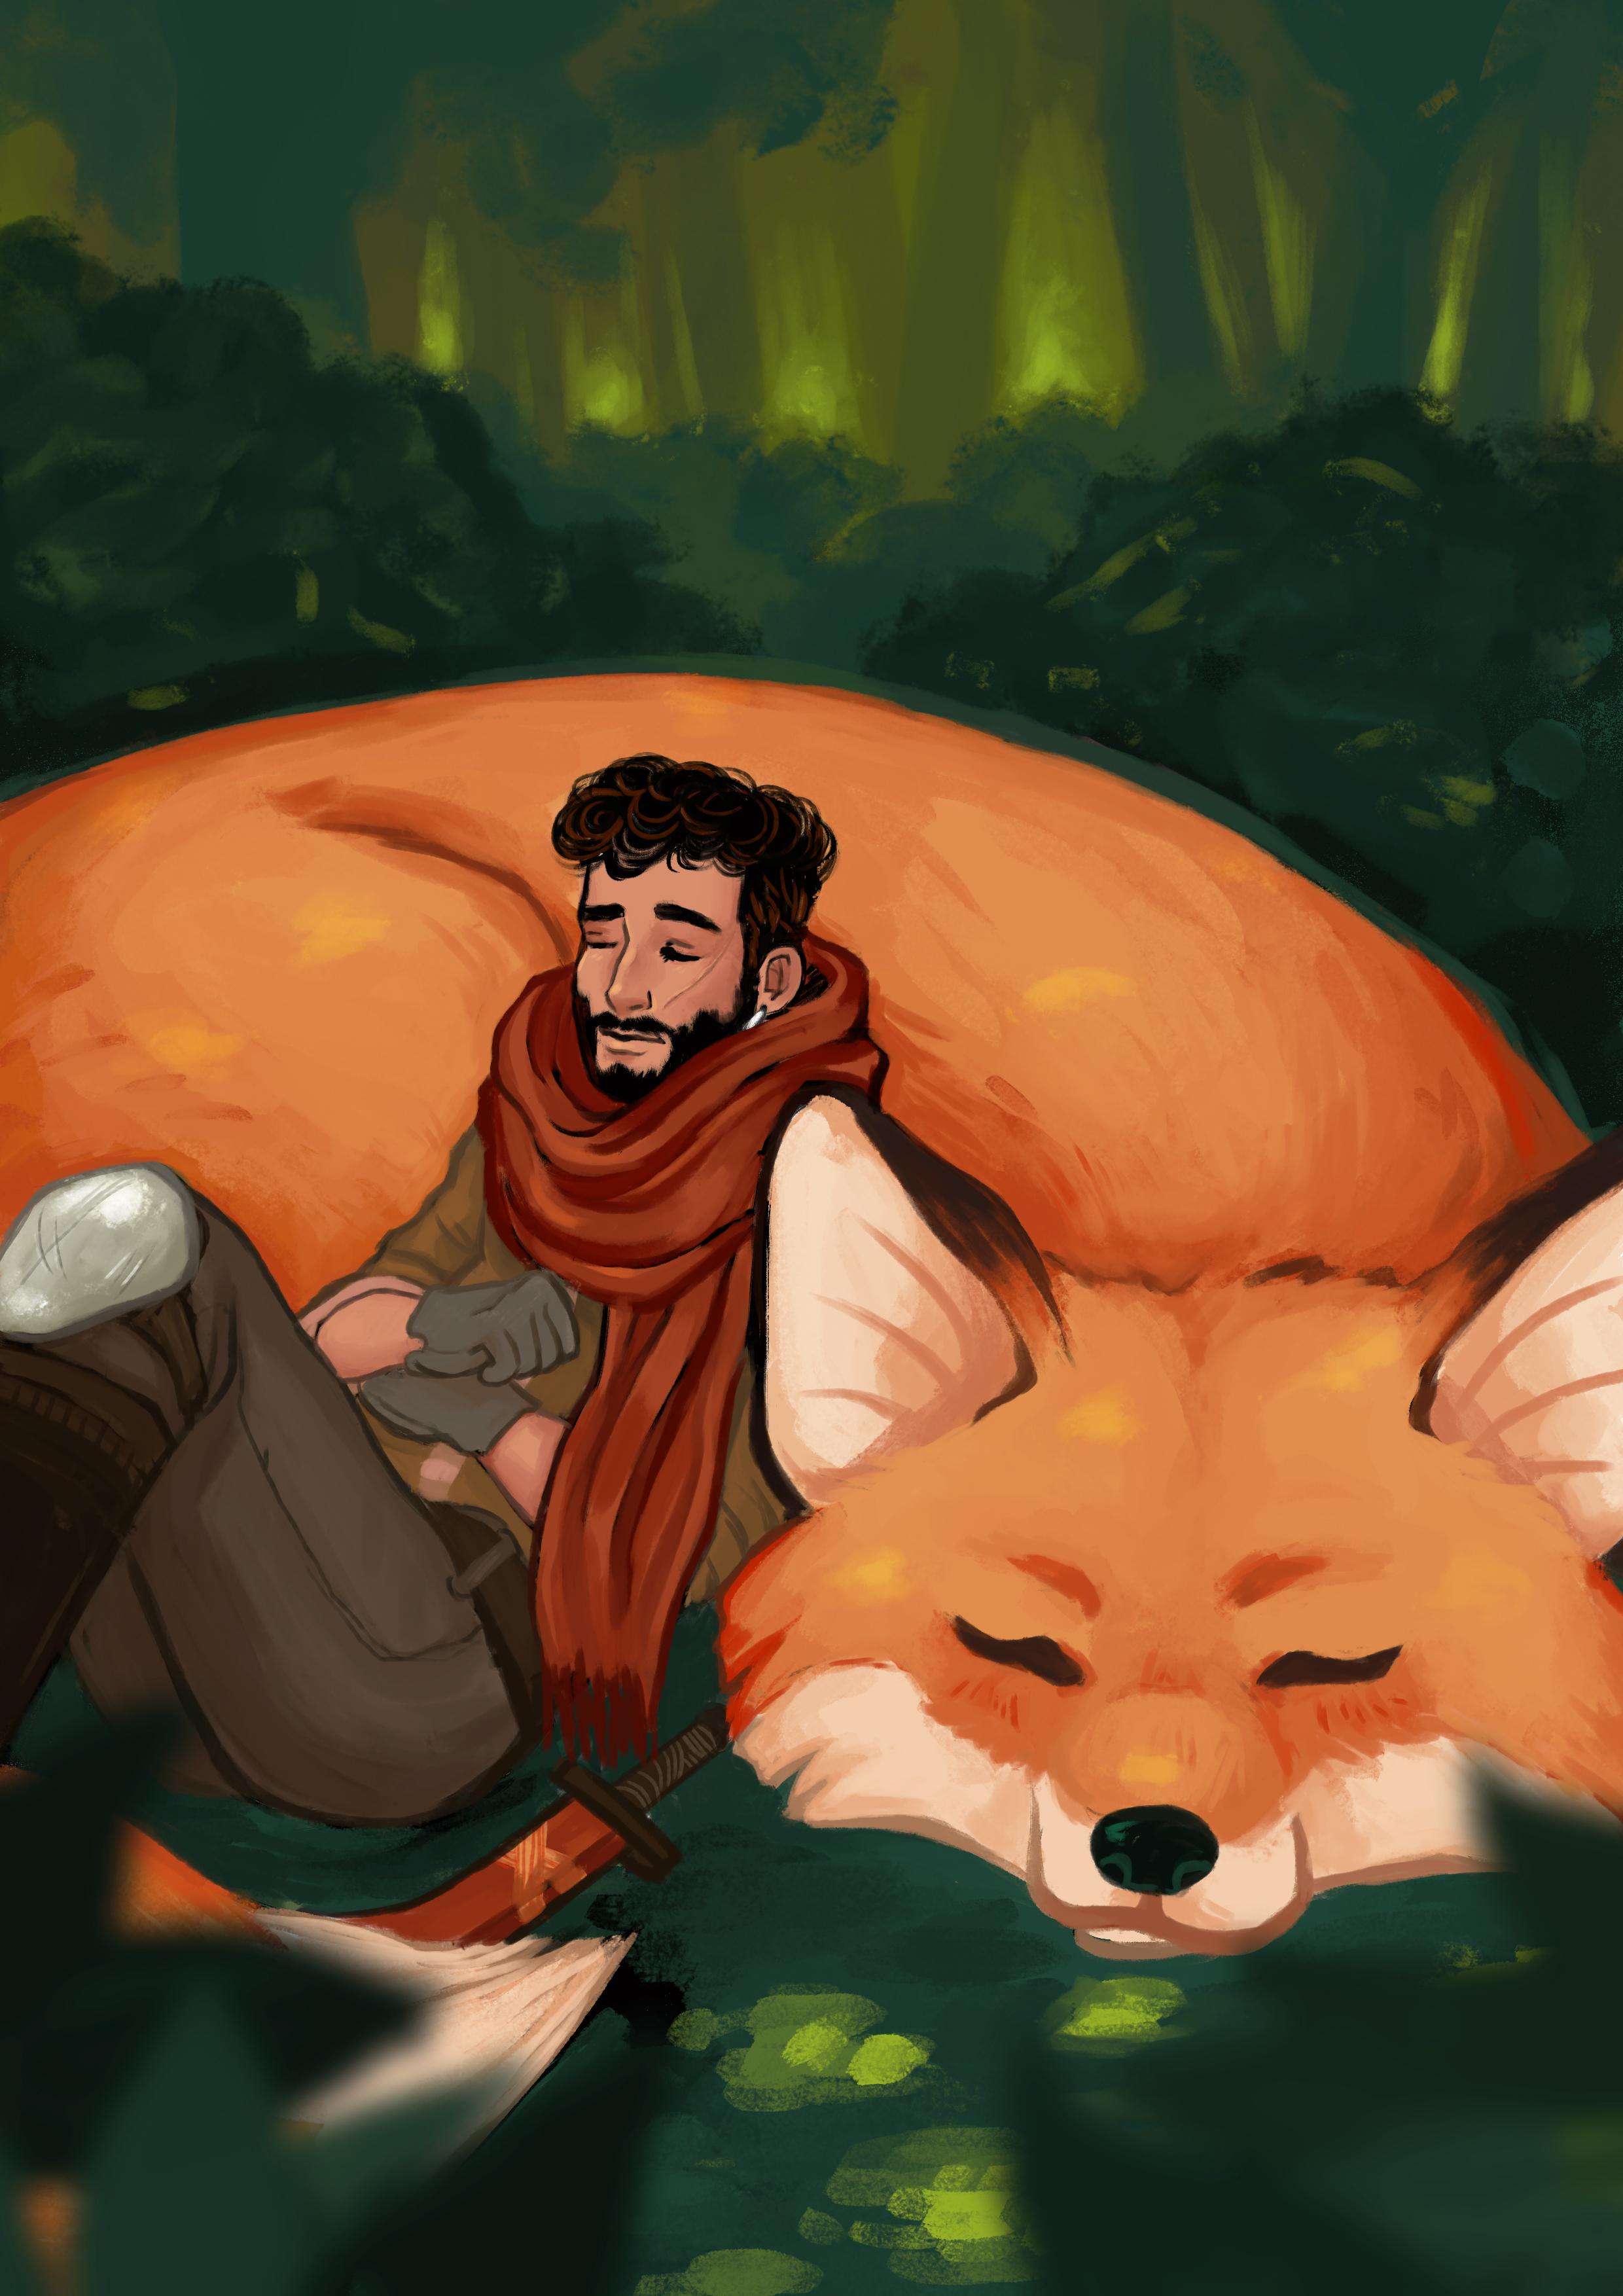 Dessin d'un renard géant et de son maître